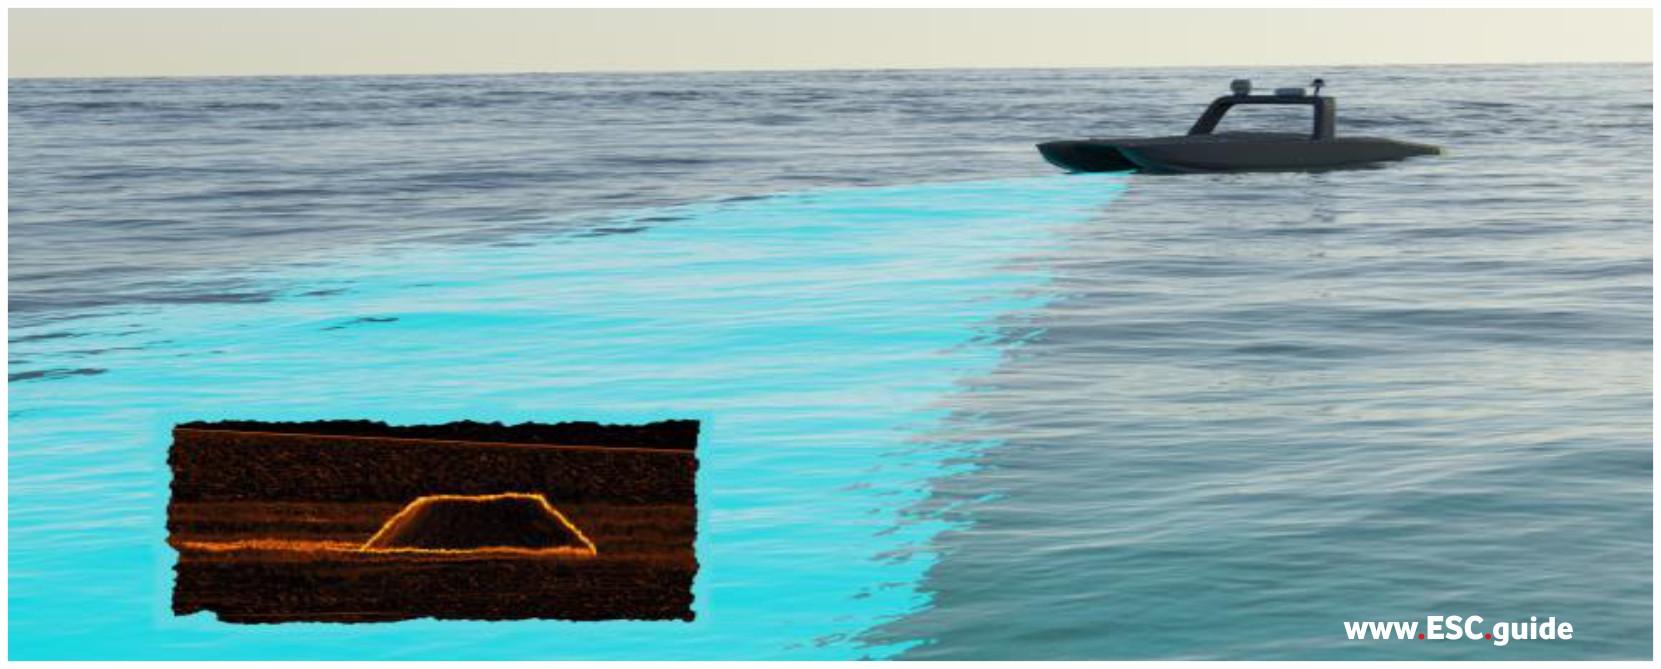 MANTAS forward looking sonar locates a possible target.